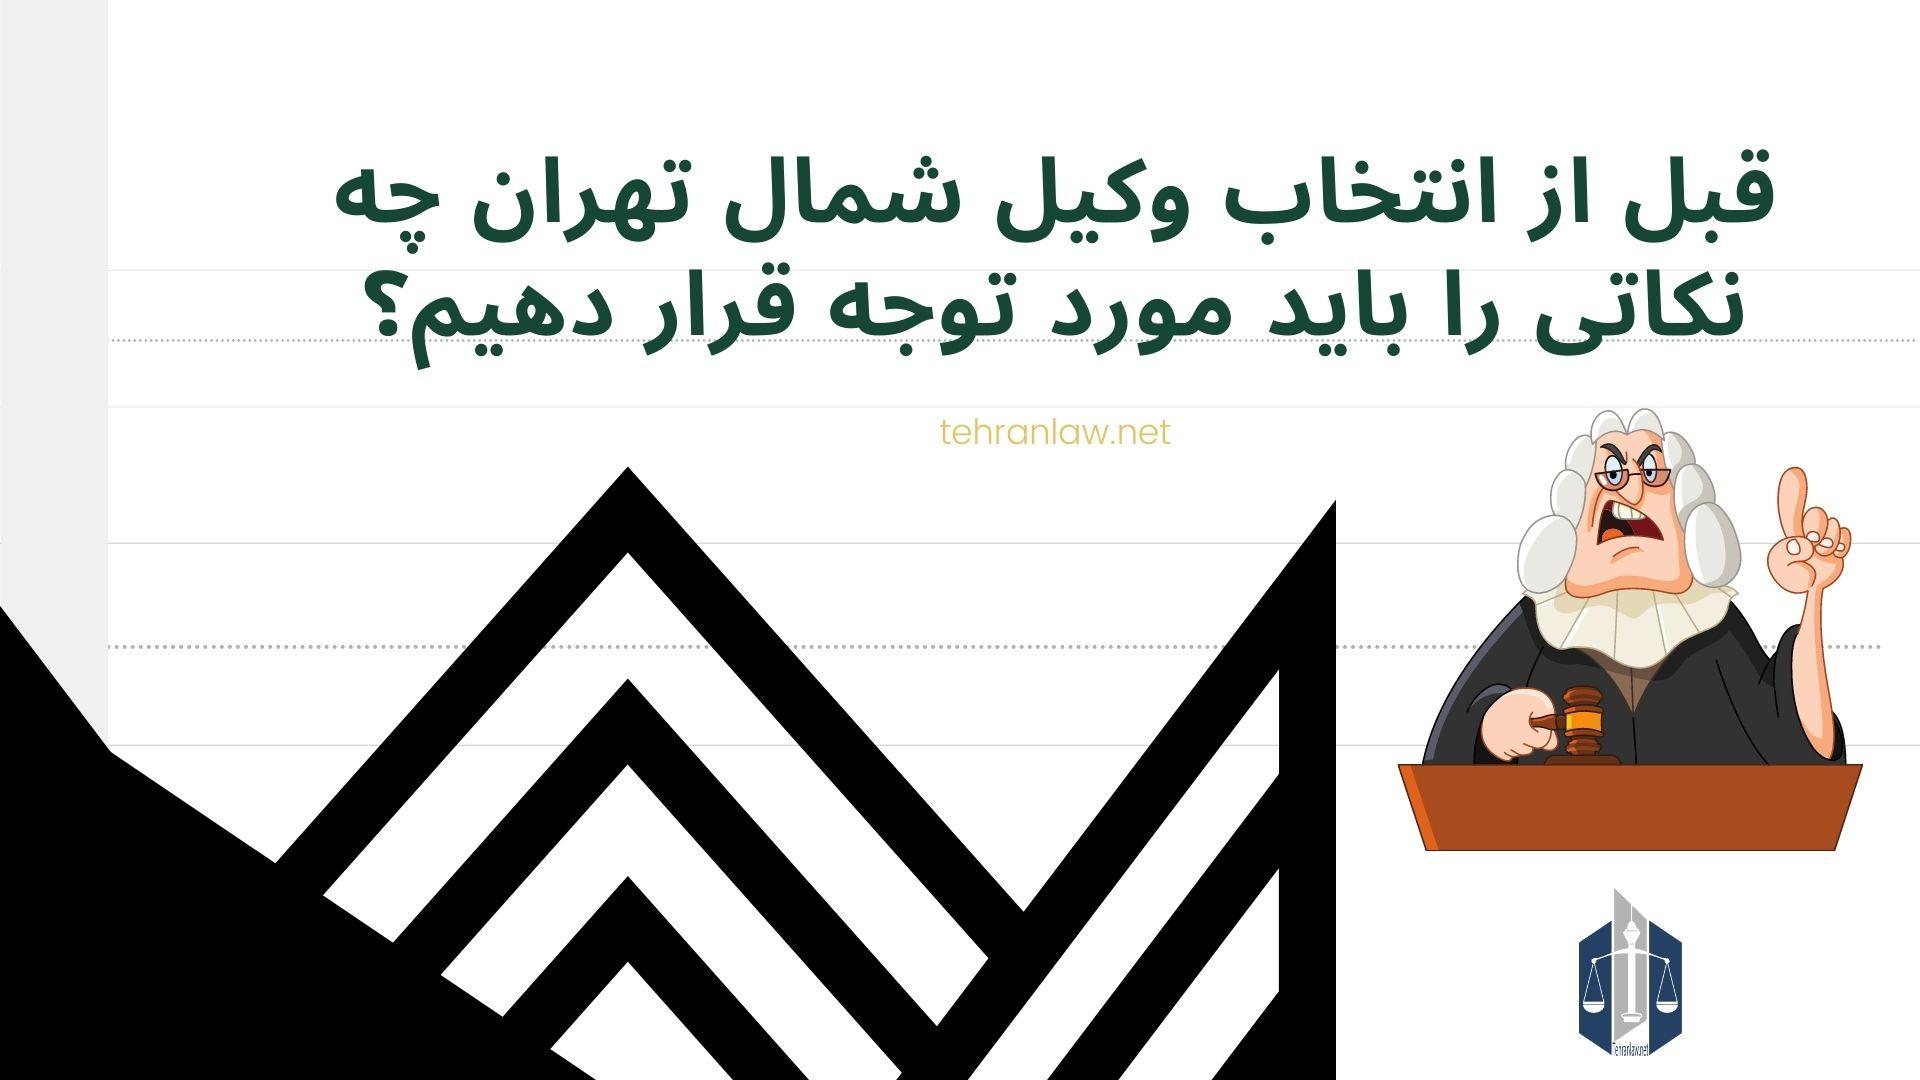 قبل از انتخاب وکیل شمال تهران چه نکاتی را باید مورد توجه قرار دهیم؟